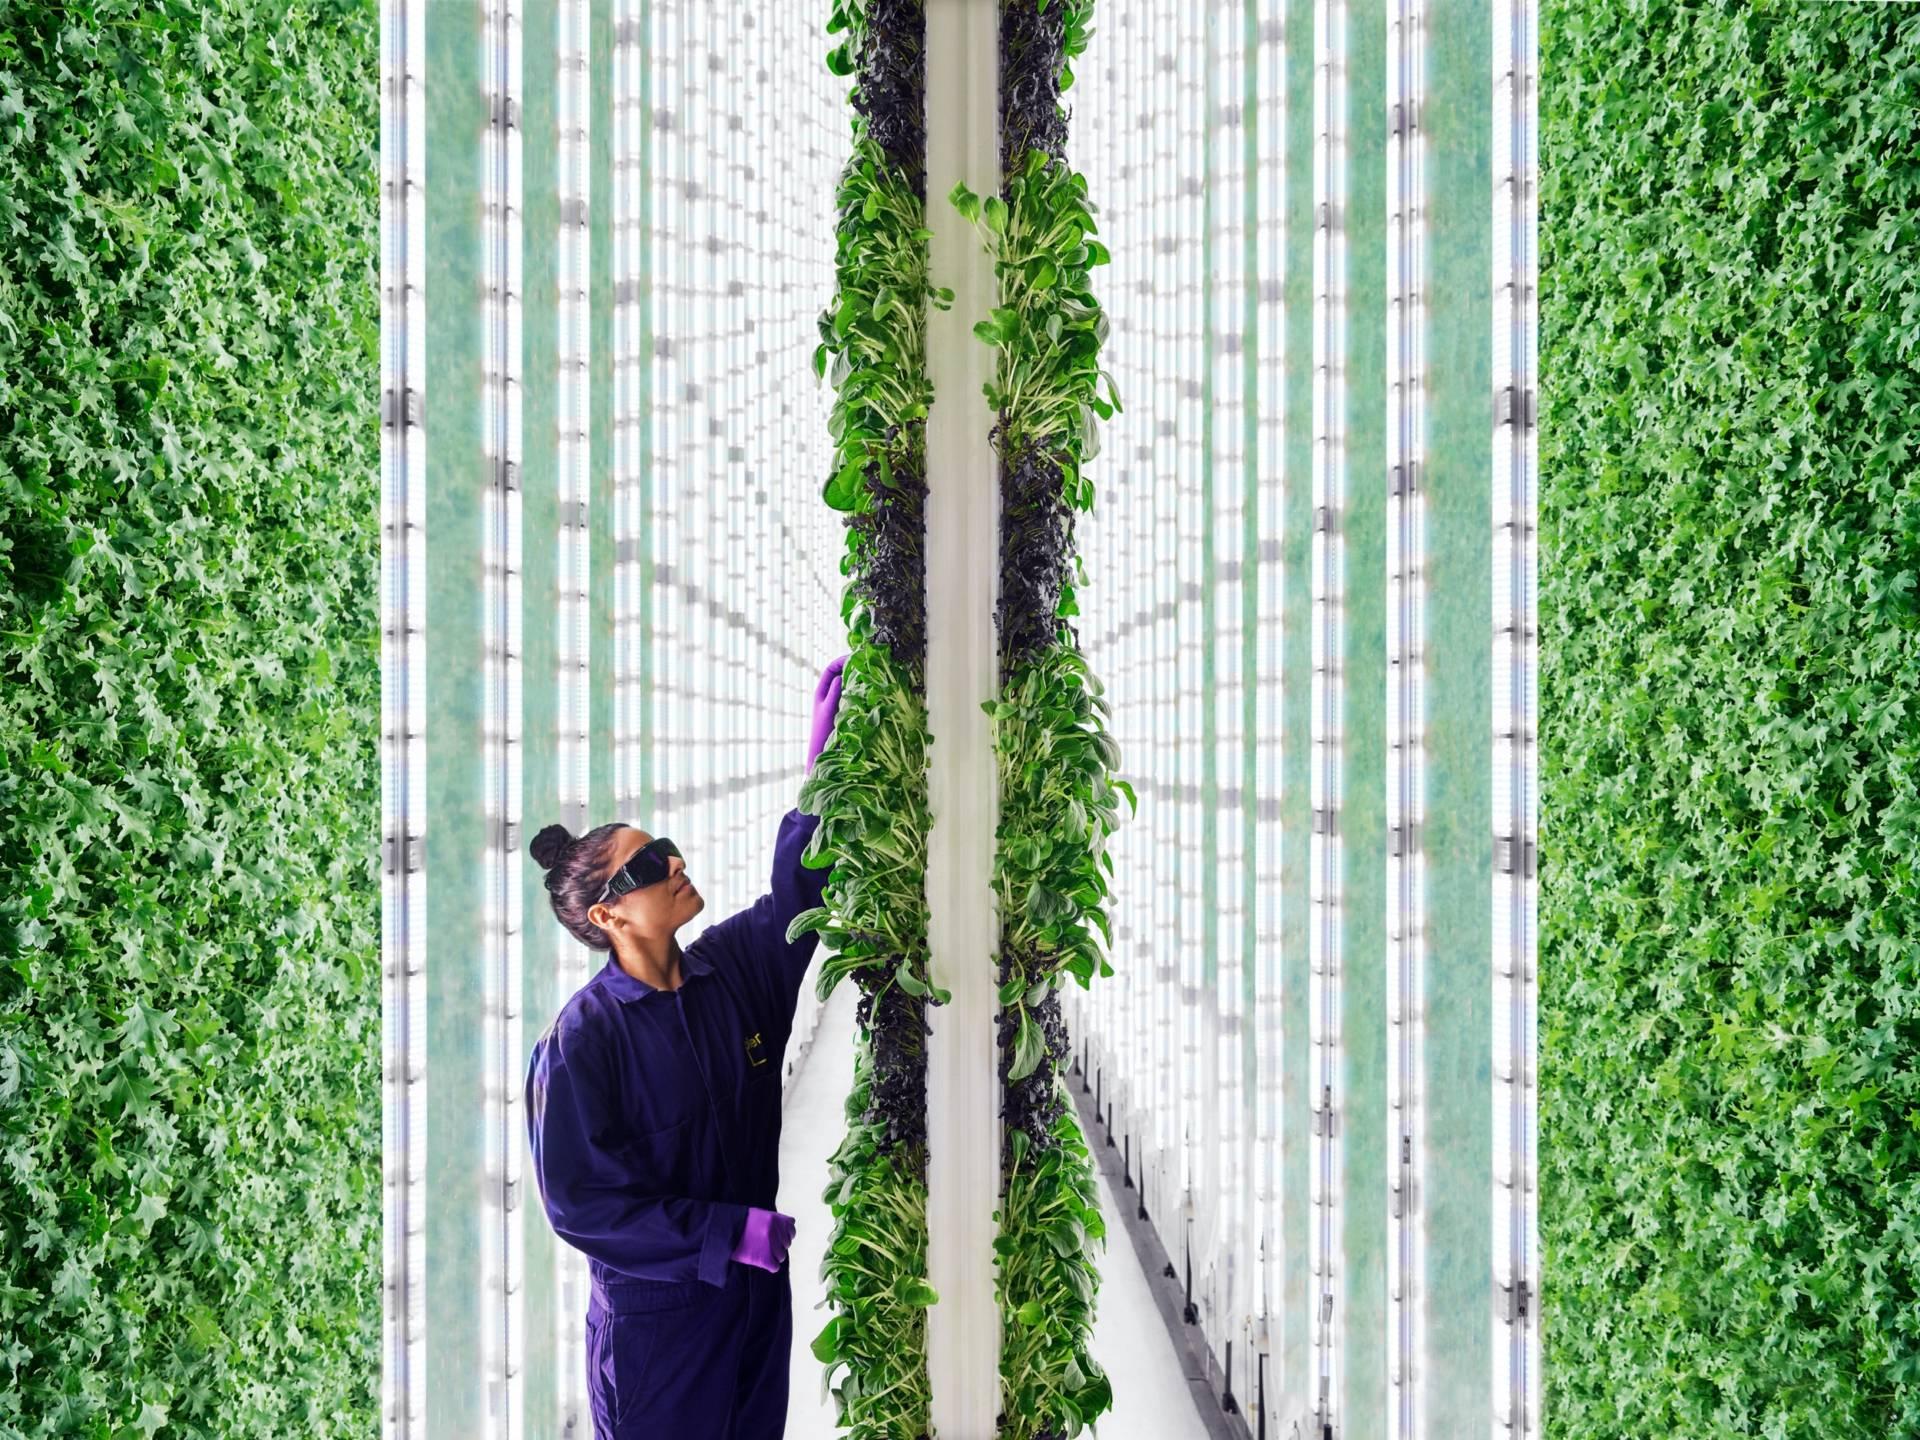 Agricoltura del futuro: verticale e robotizzata